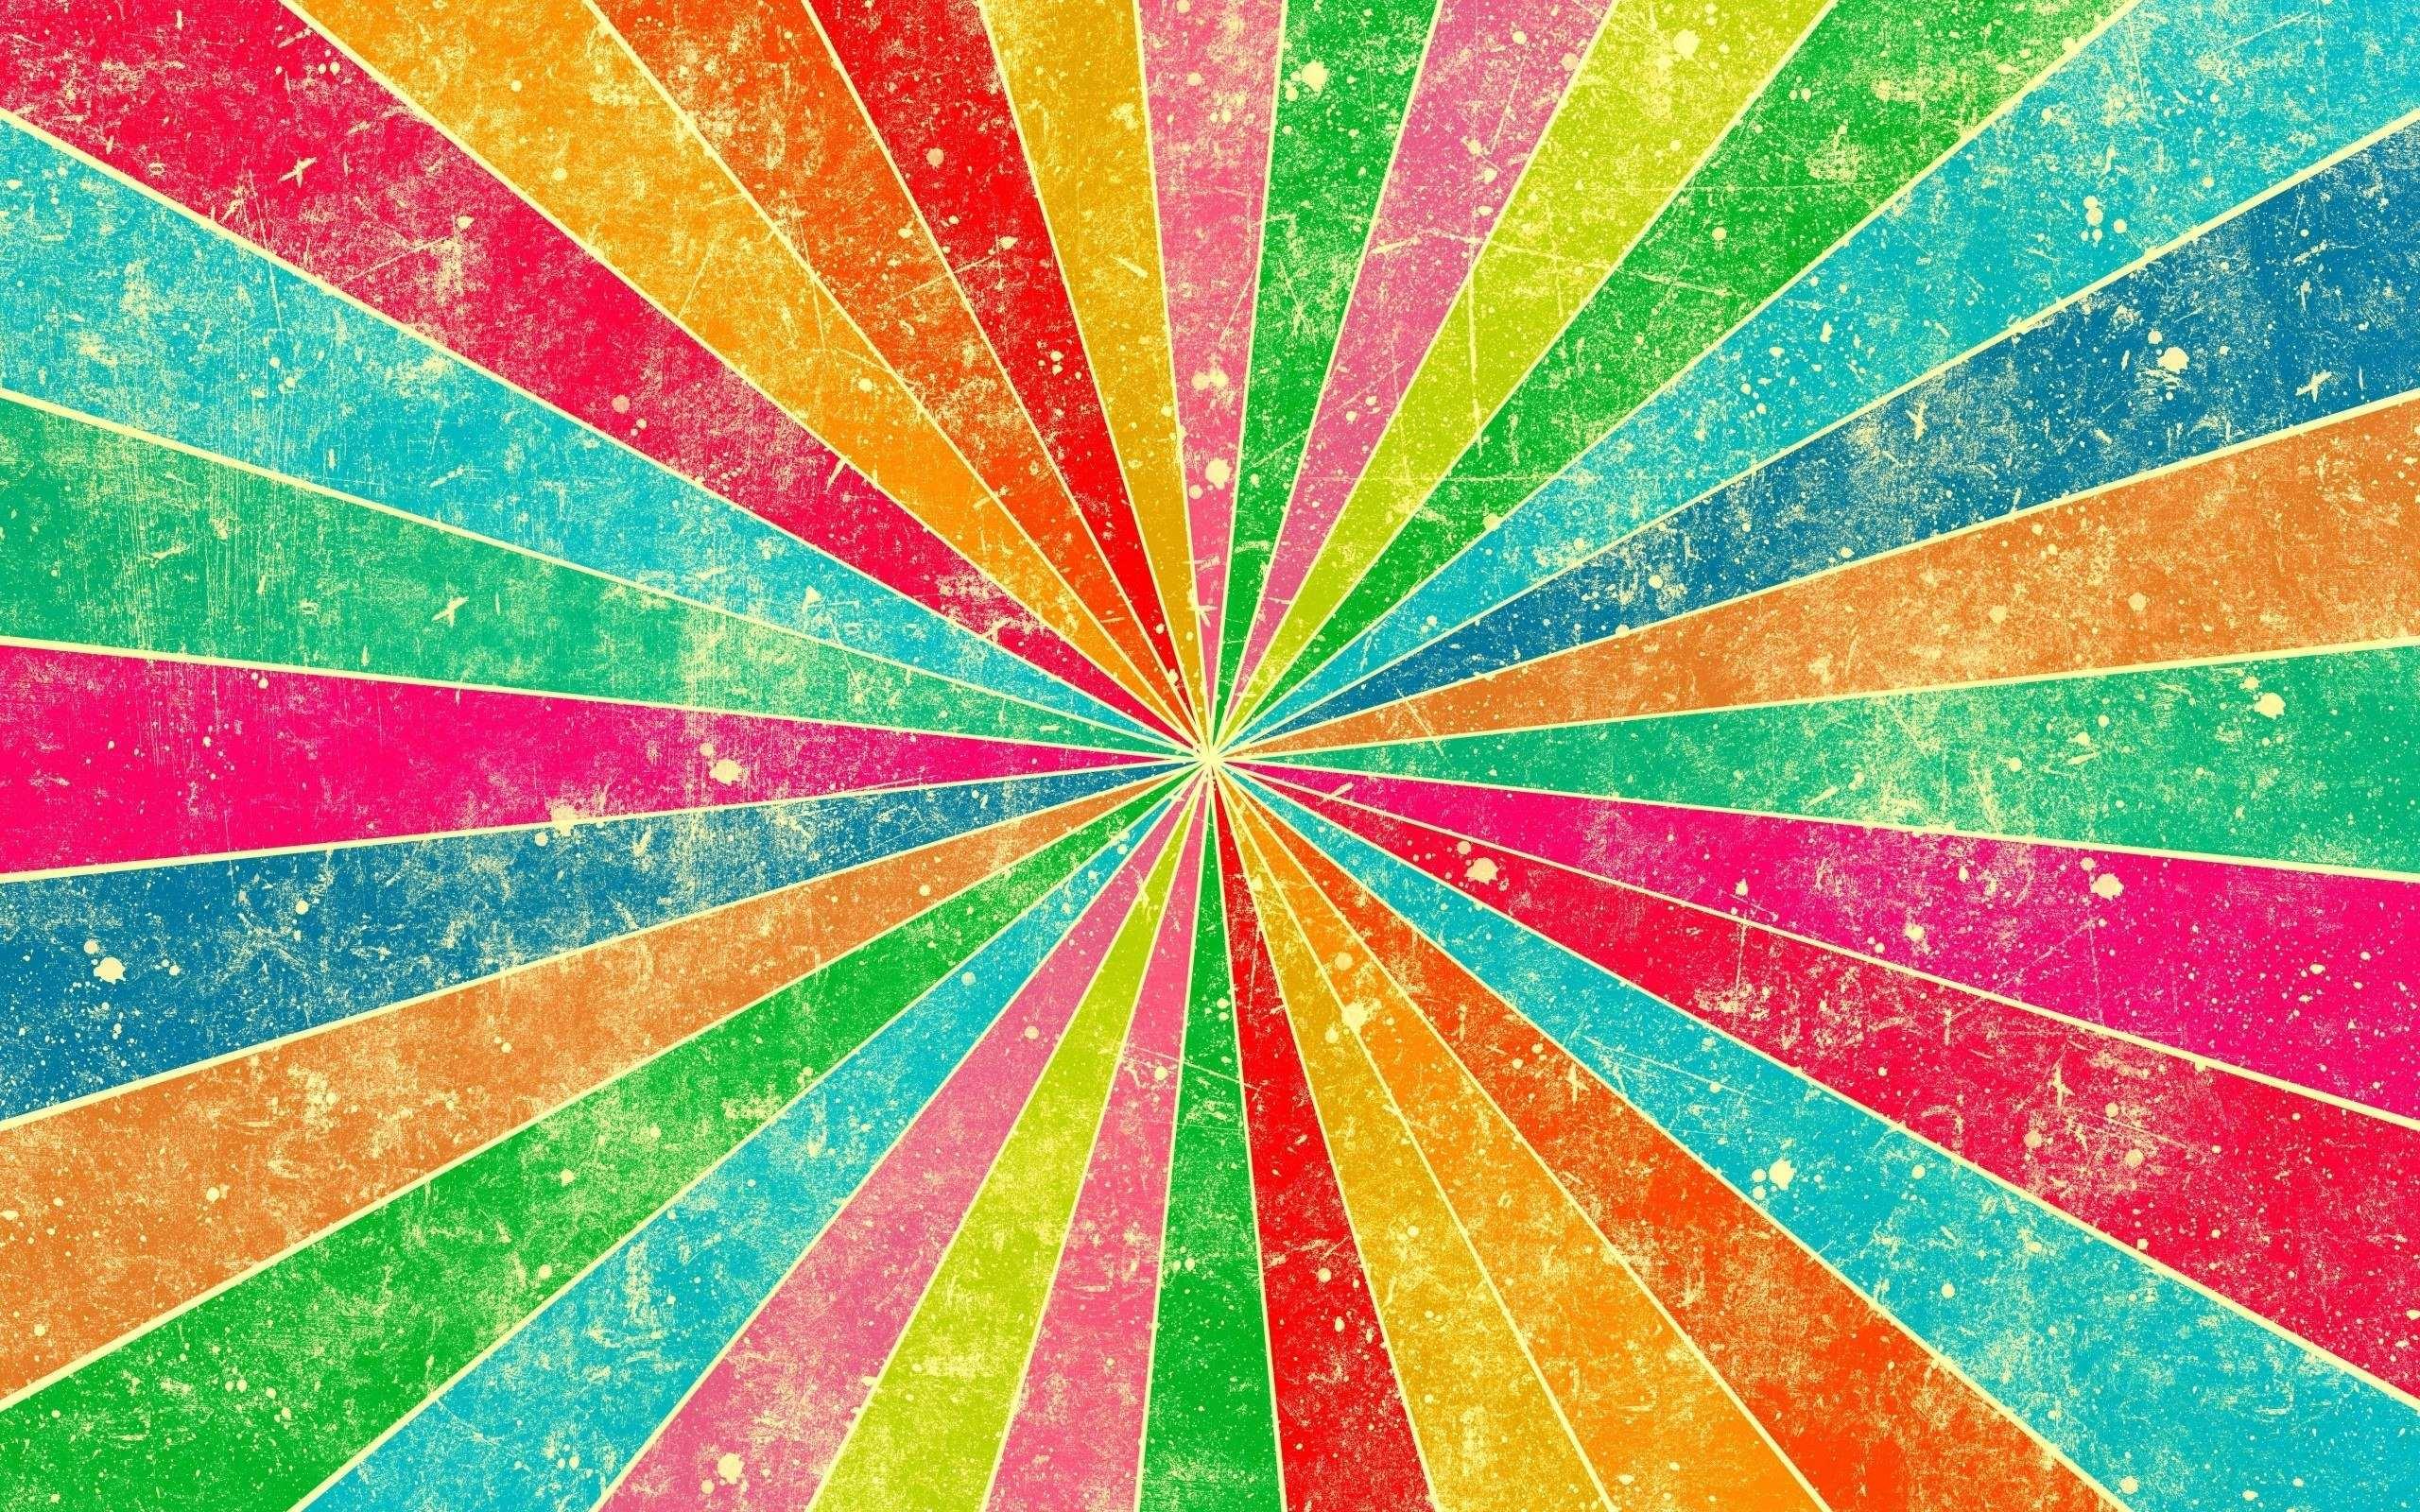 Hd wallpaper rainbow - Hd Wallpaper Background Id 695350 2560x1600 Artistic Rainbow